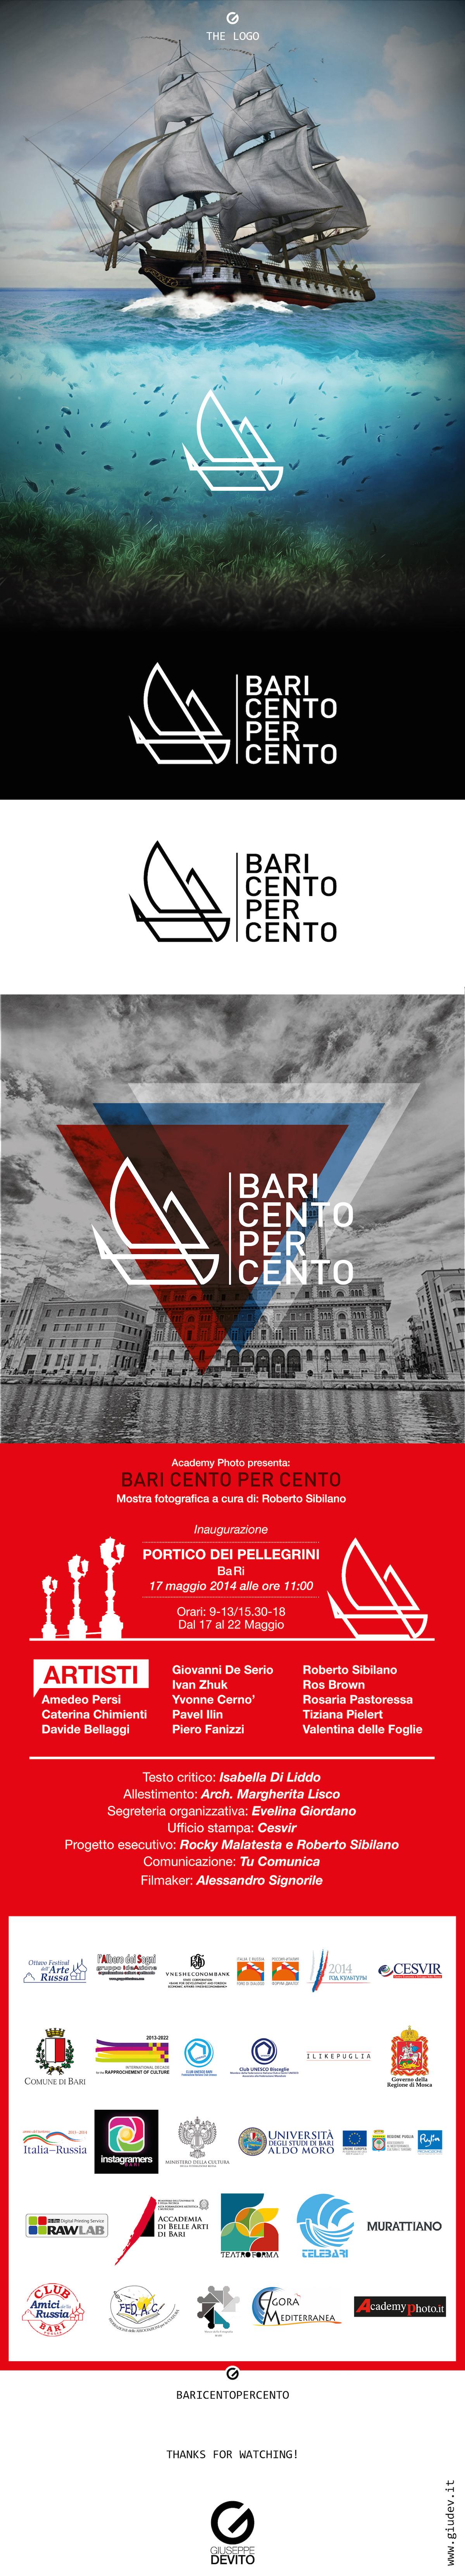 bari-cento-per-cento-project-design